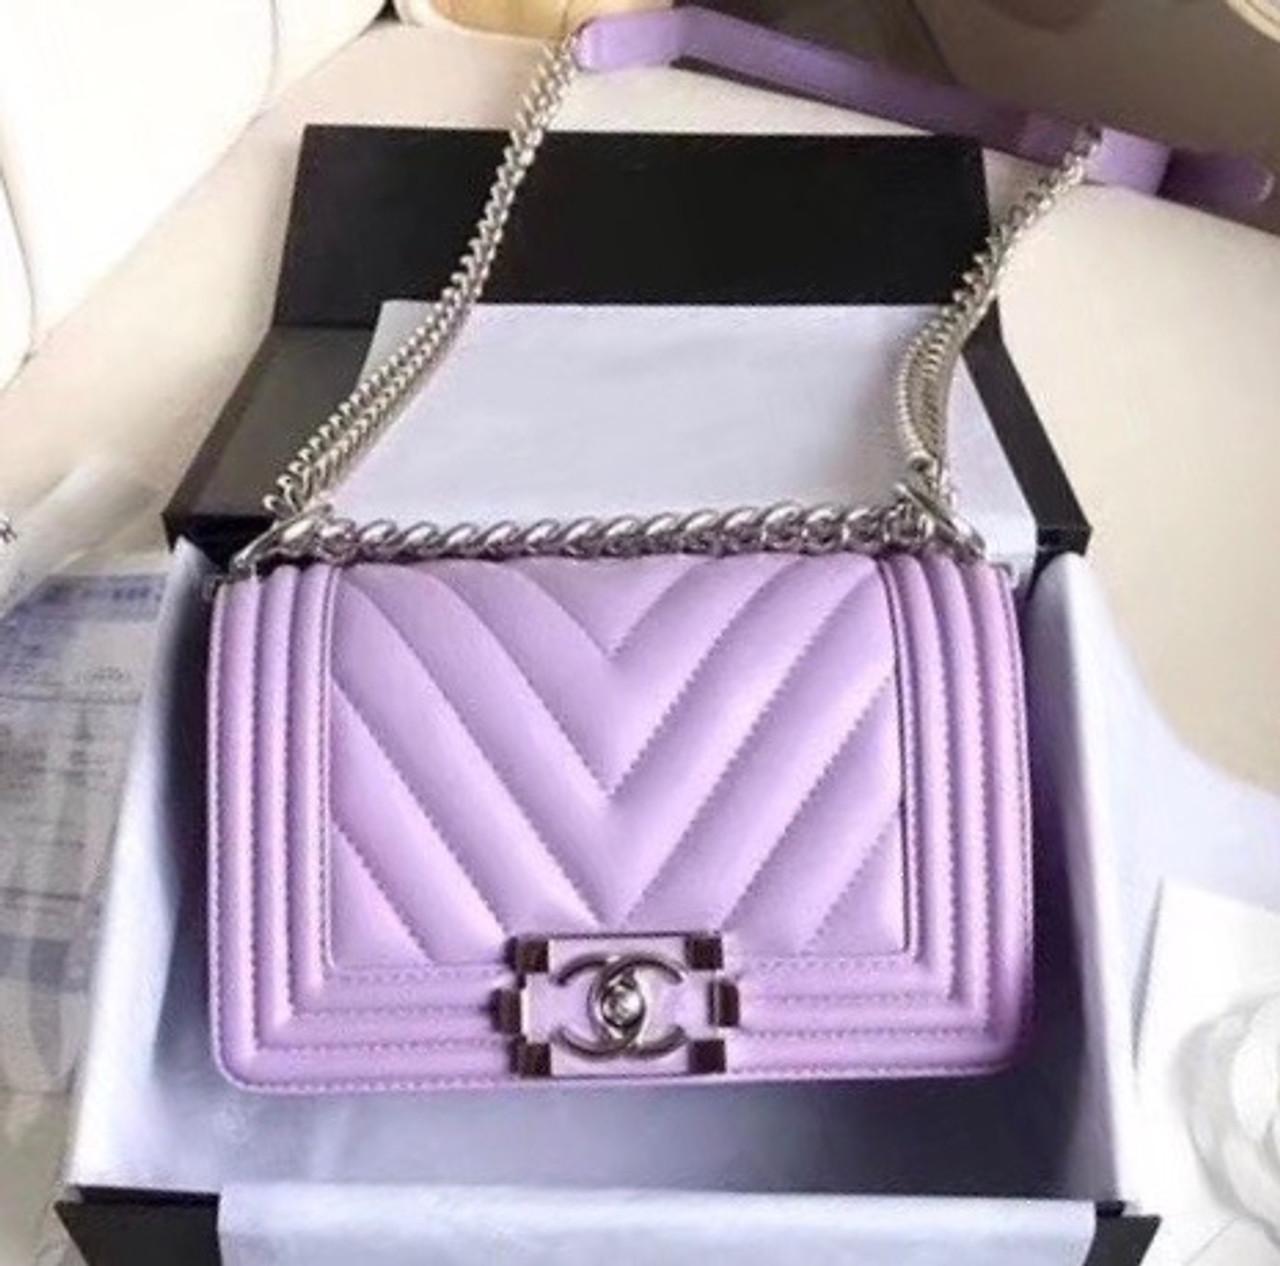 42e517d0b38 Chanel 2018 Small BOY CHANEL Handbag Lavender - Bella Vita Moda